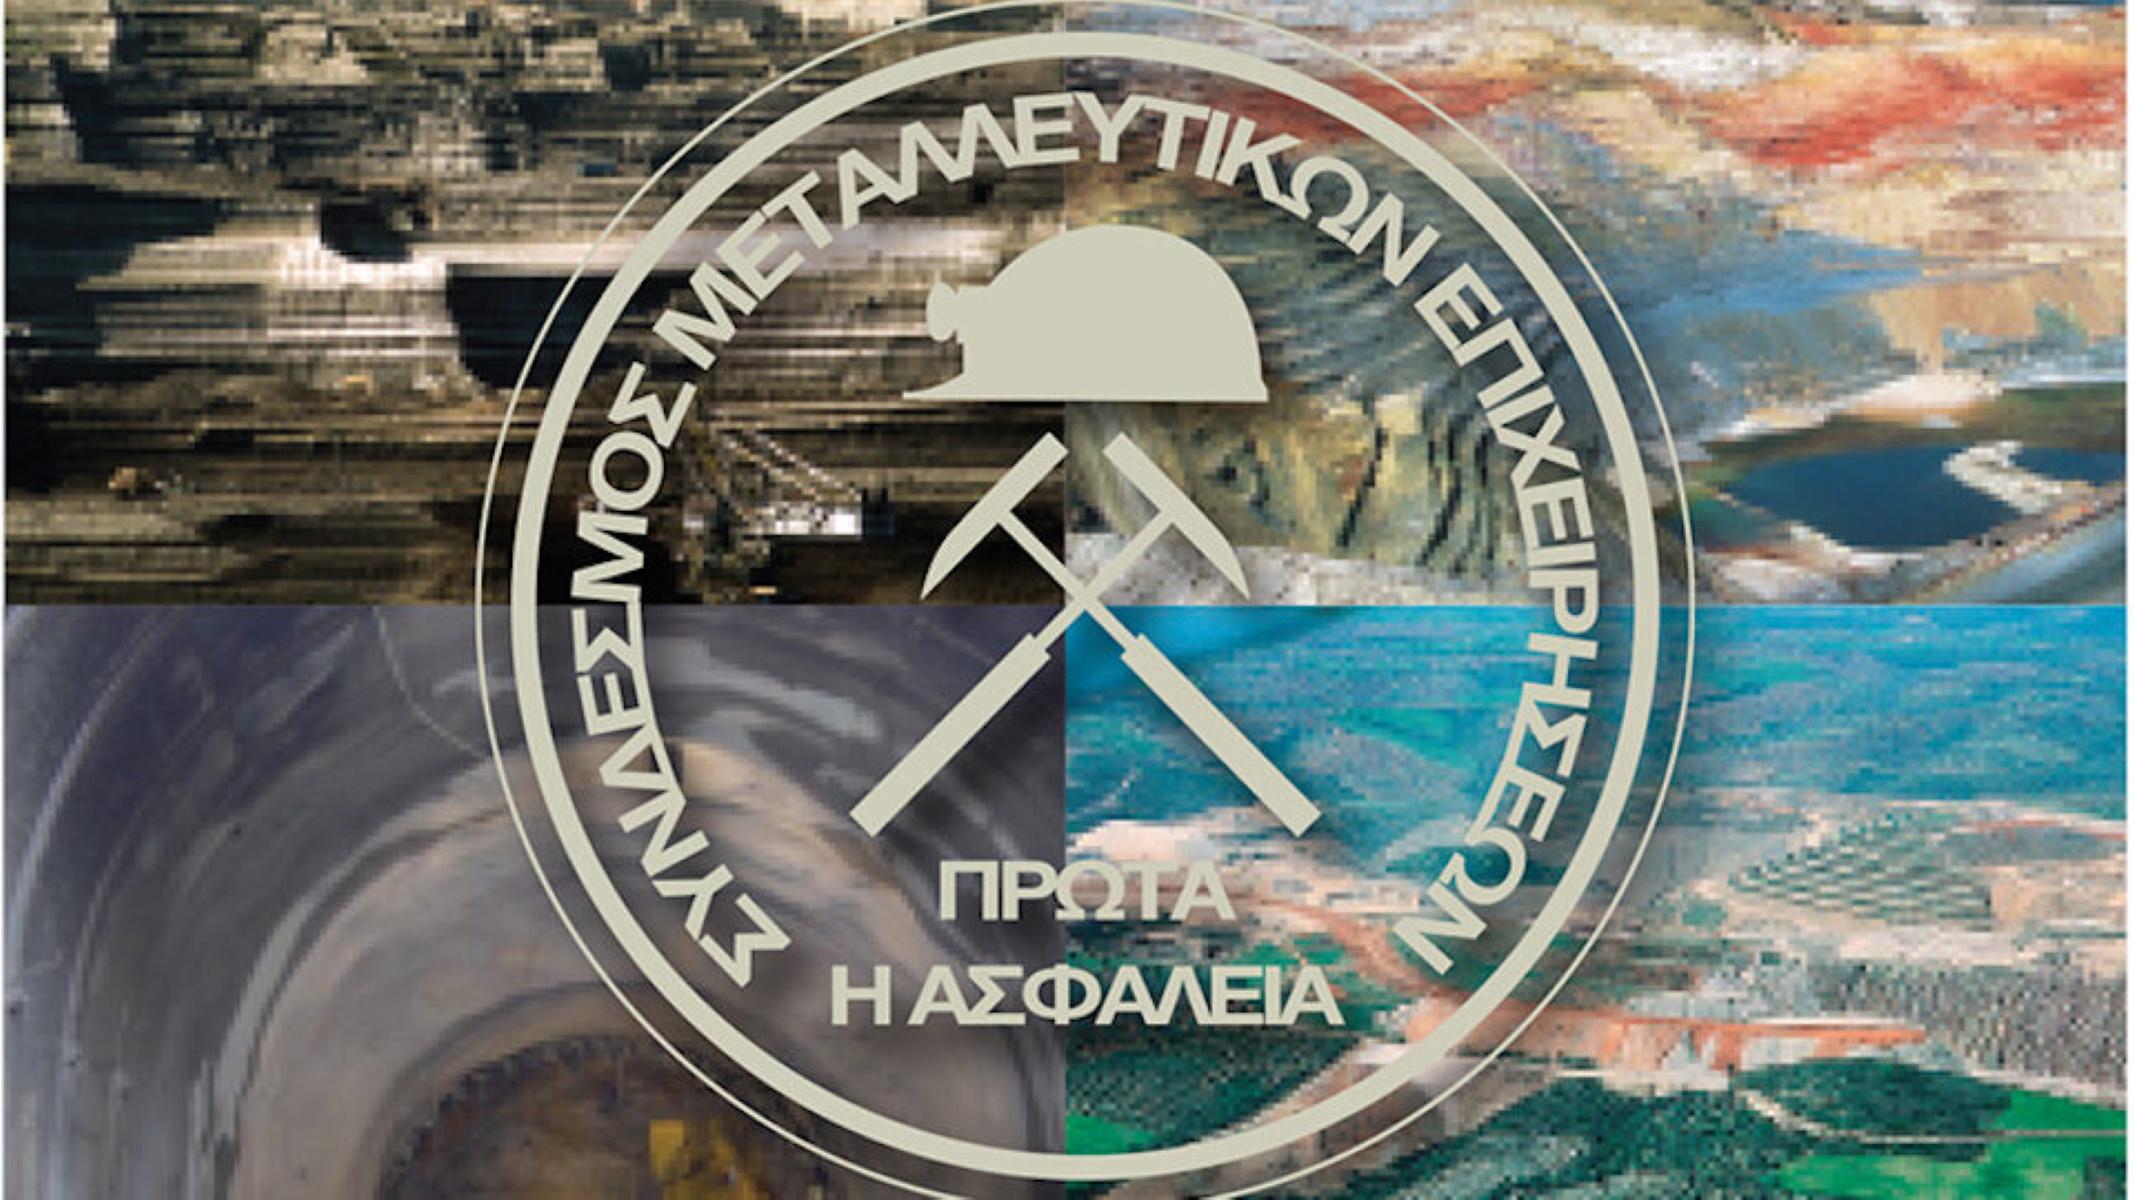 Τη στήριξη της Πολιτείας ζητά ο ελληνικός εξορυκτικός κλάδος